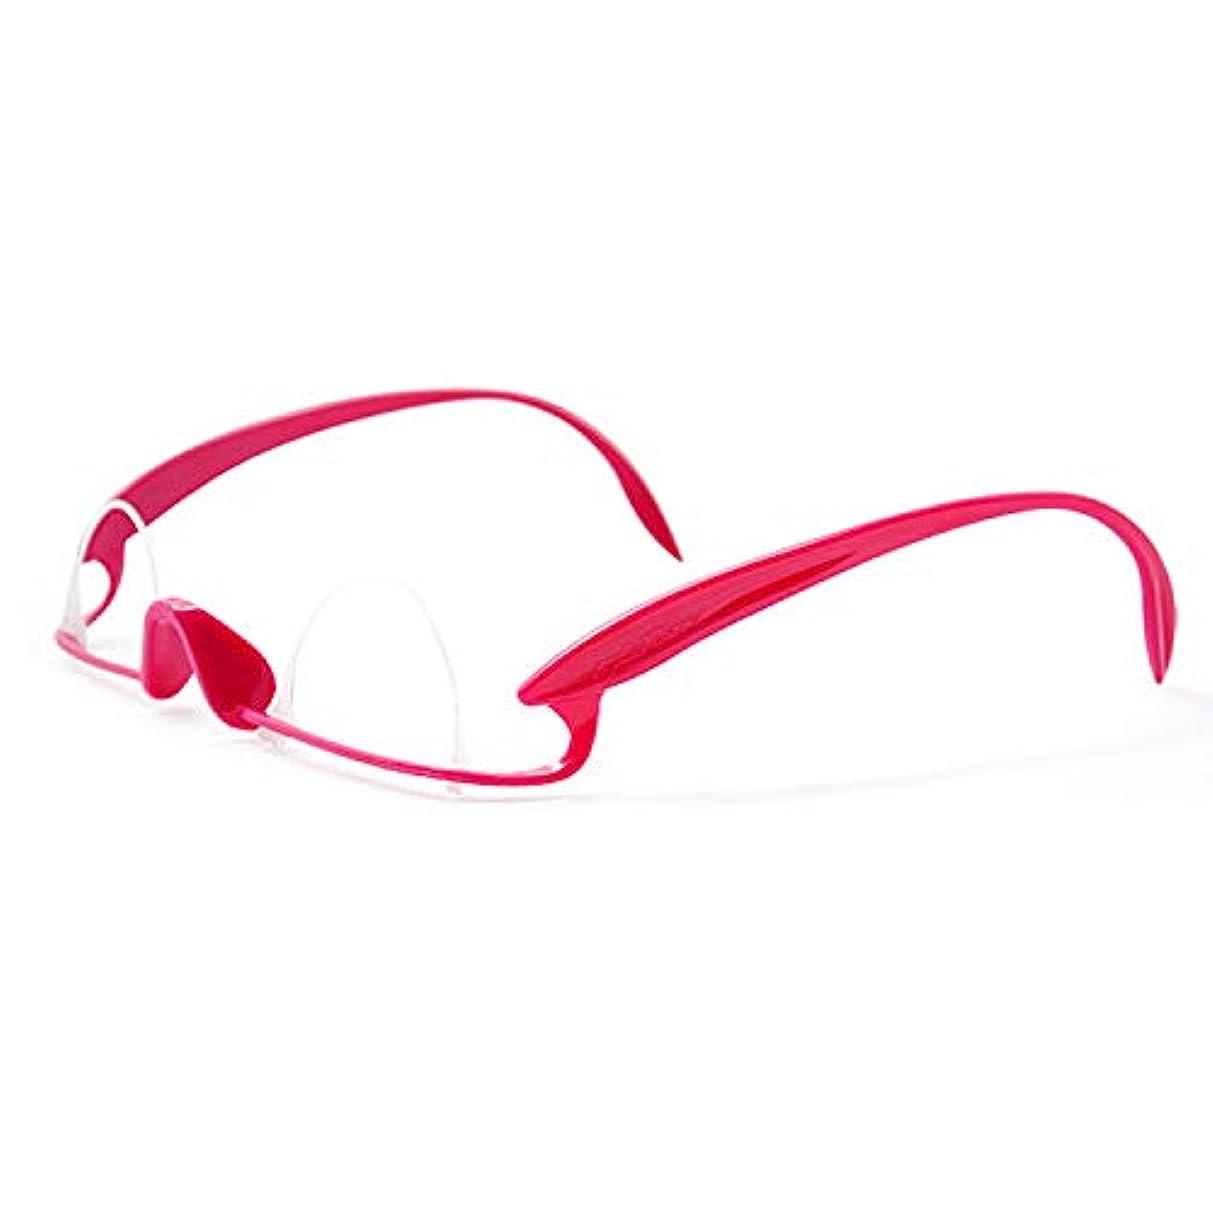 認証ワゴン魂二重まぶた用メガネ 二重まぶた運動 二重まぶた形成 二重まぶた運動器 メガネトレーナー